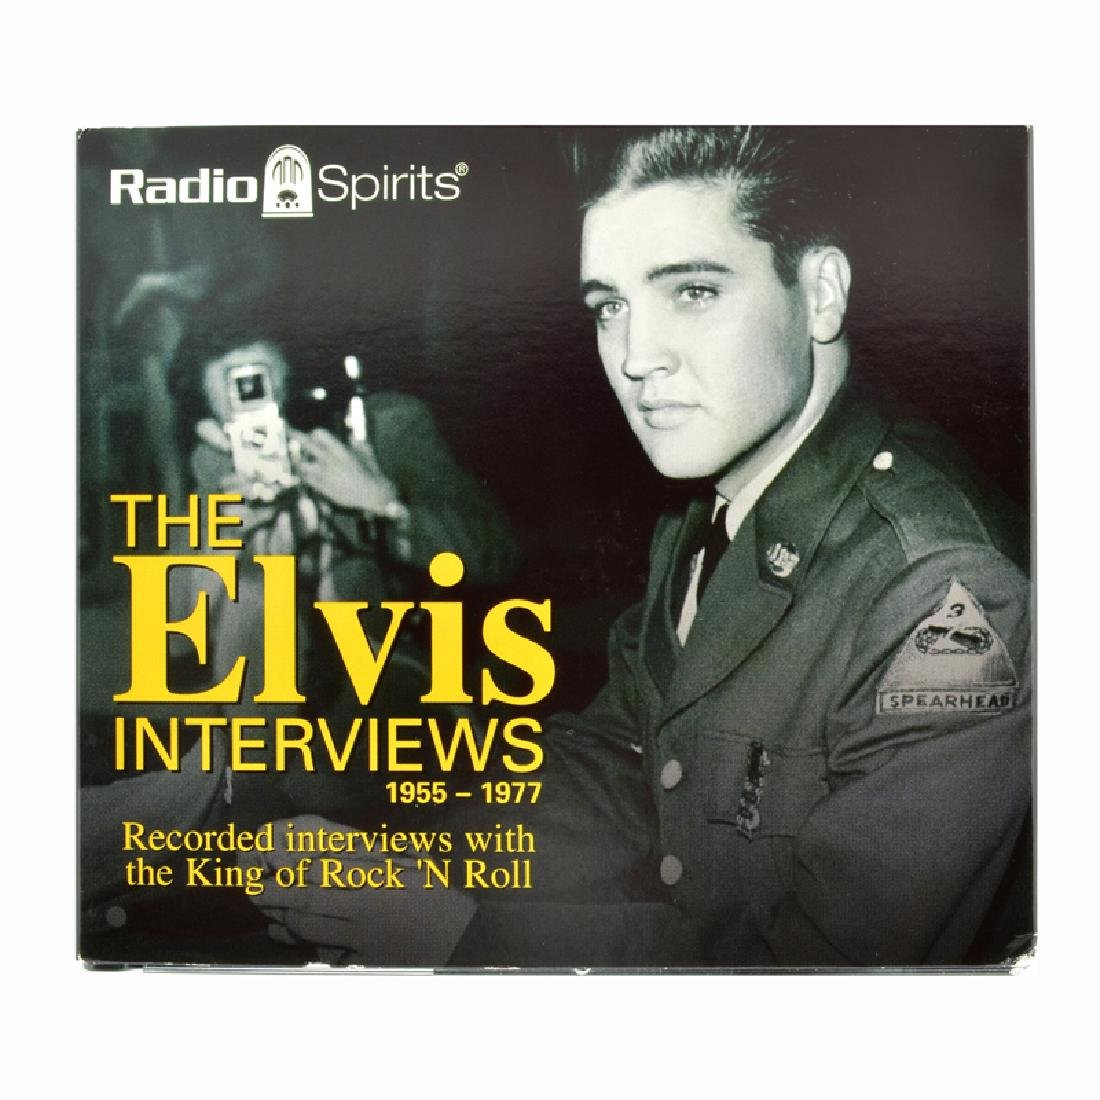 Elvis Presley 5 CD's The Elvis Interviews